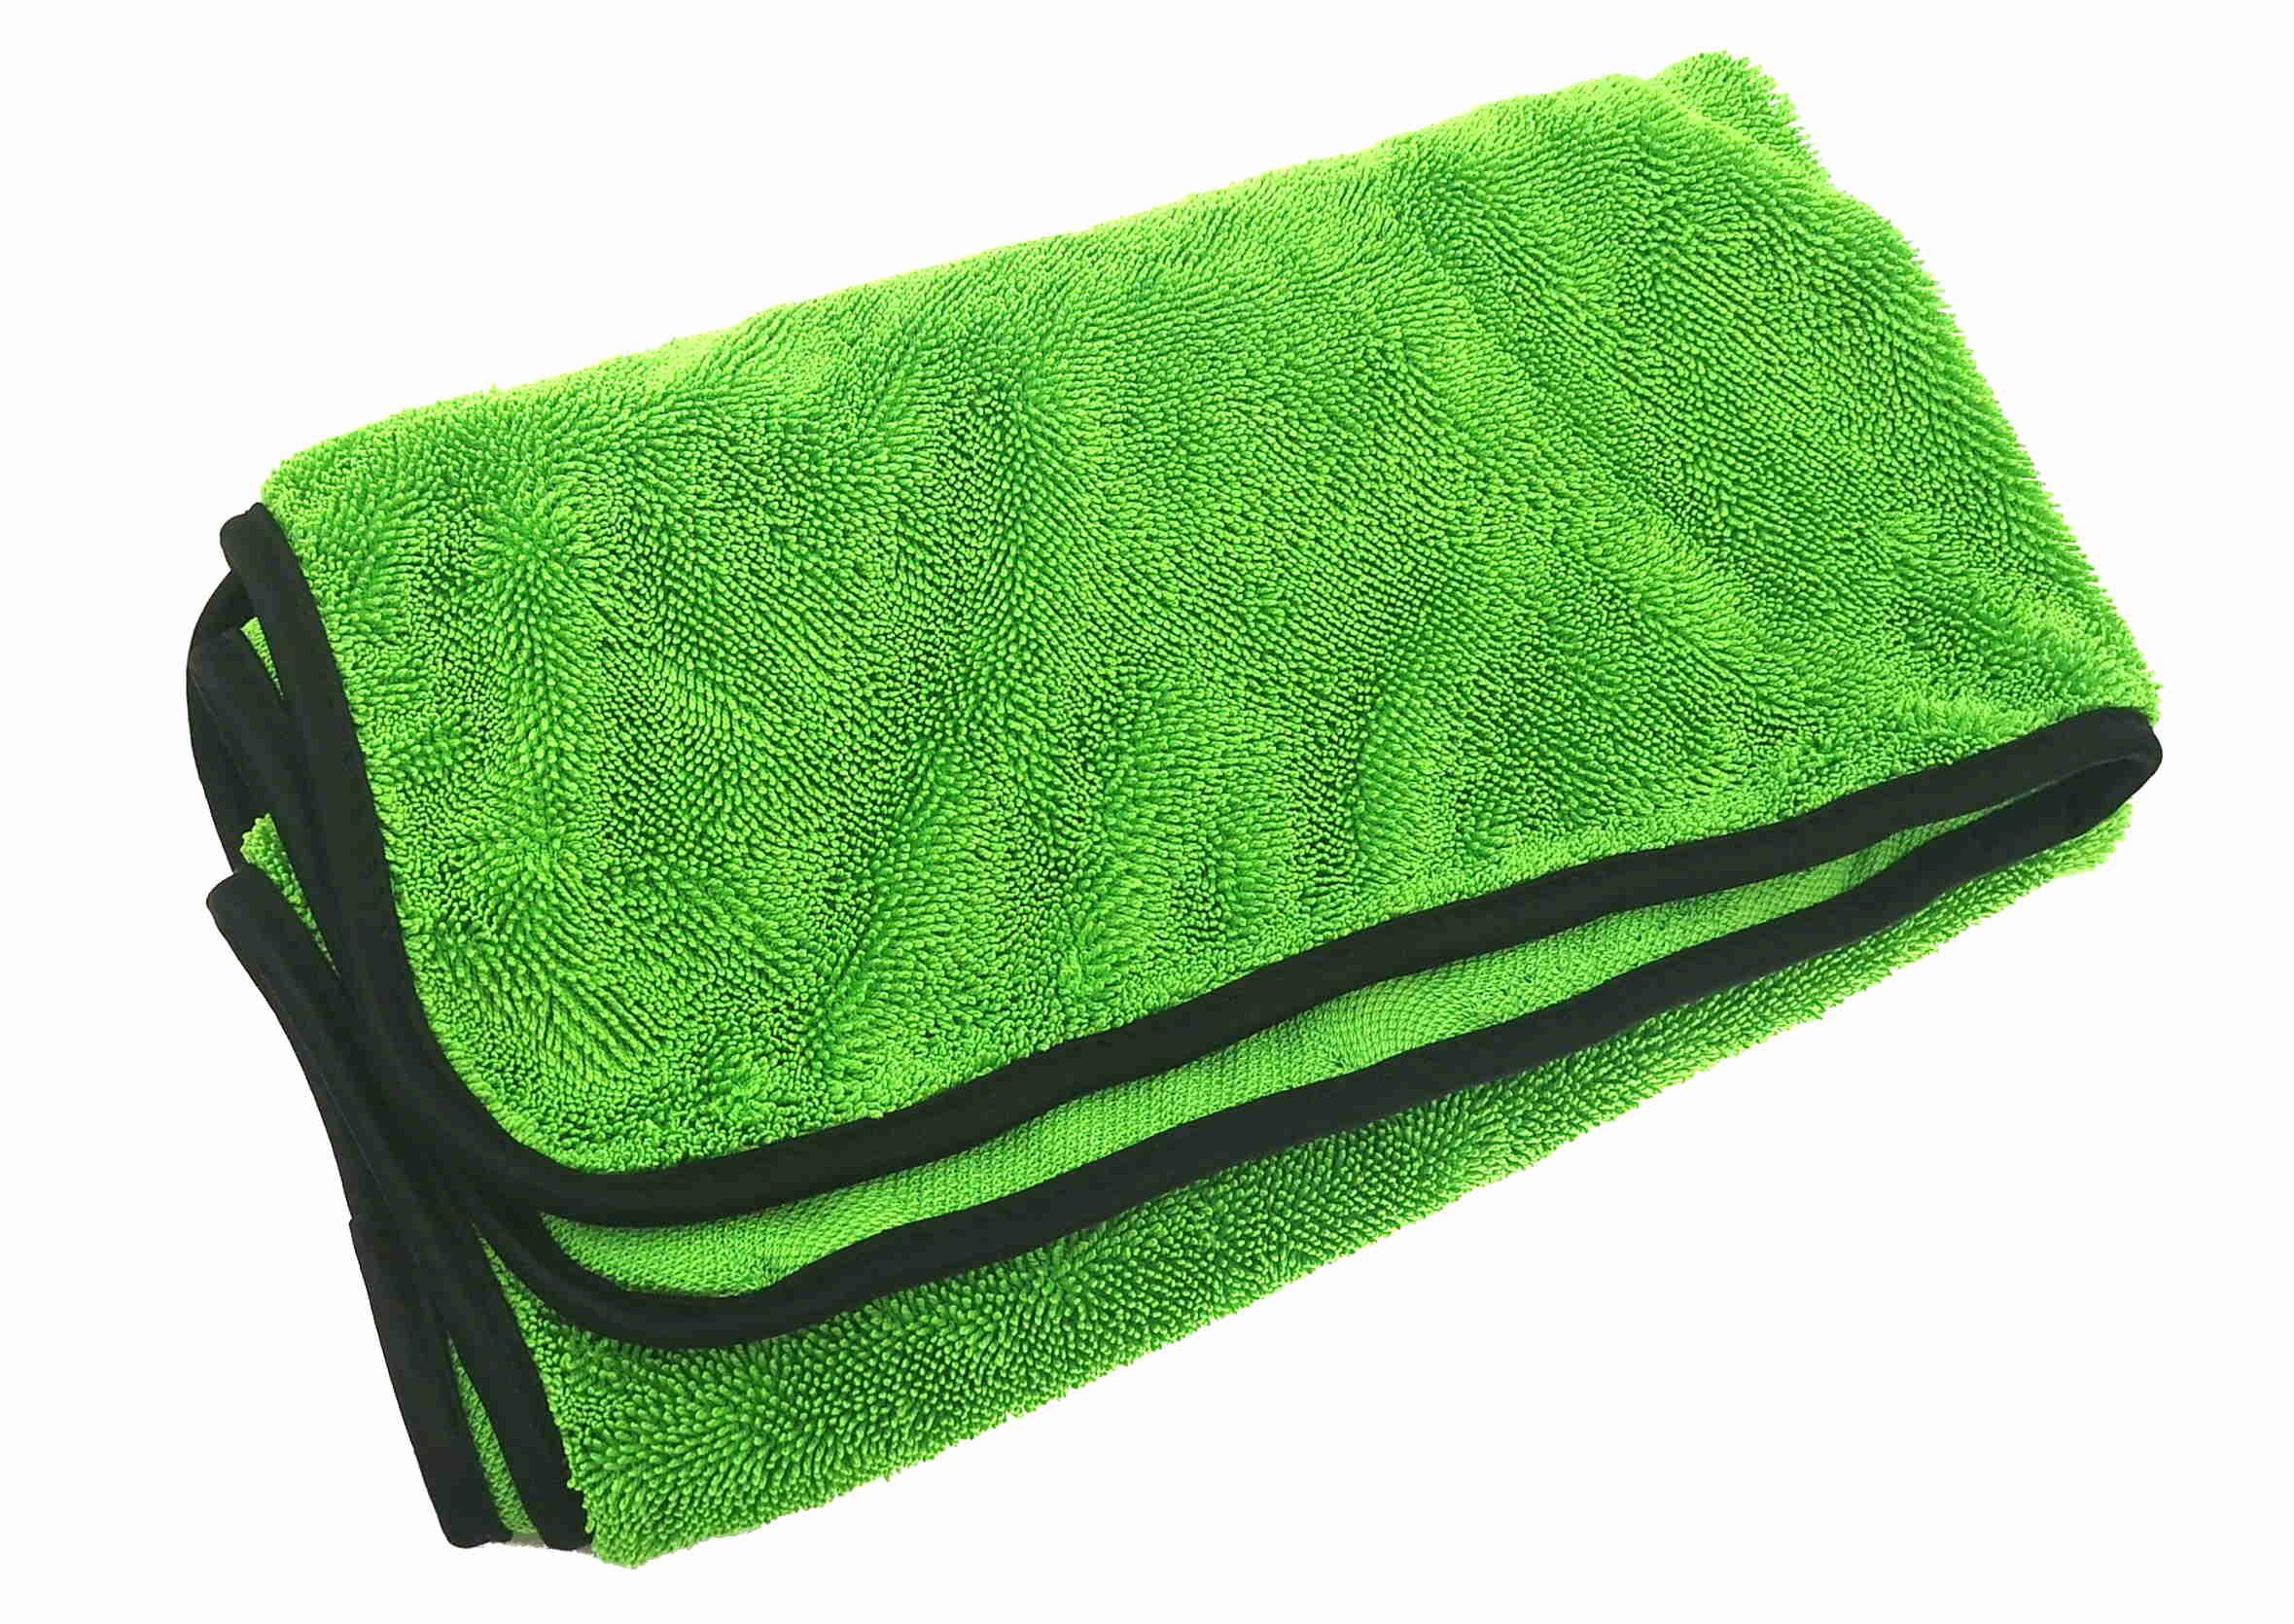 Shiny Garage Extreme Drying Towel 90x60 cm Ręcznik Mikrofibra do Osuszania 550 g